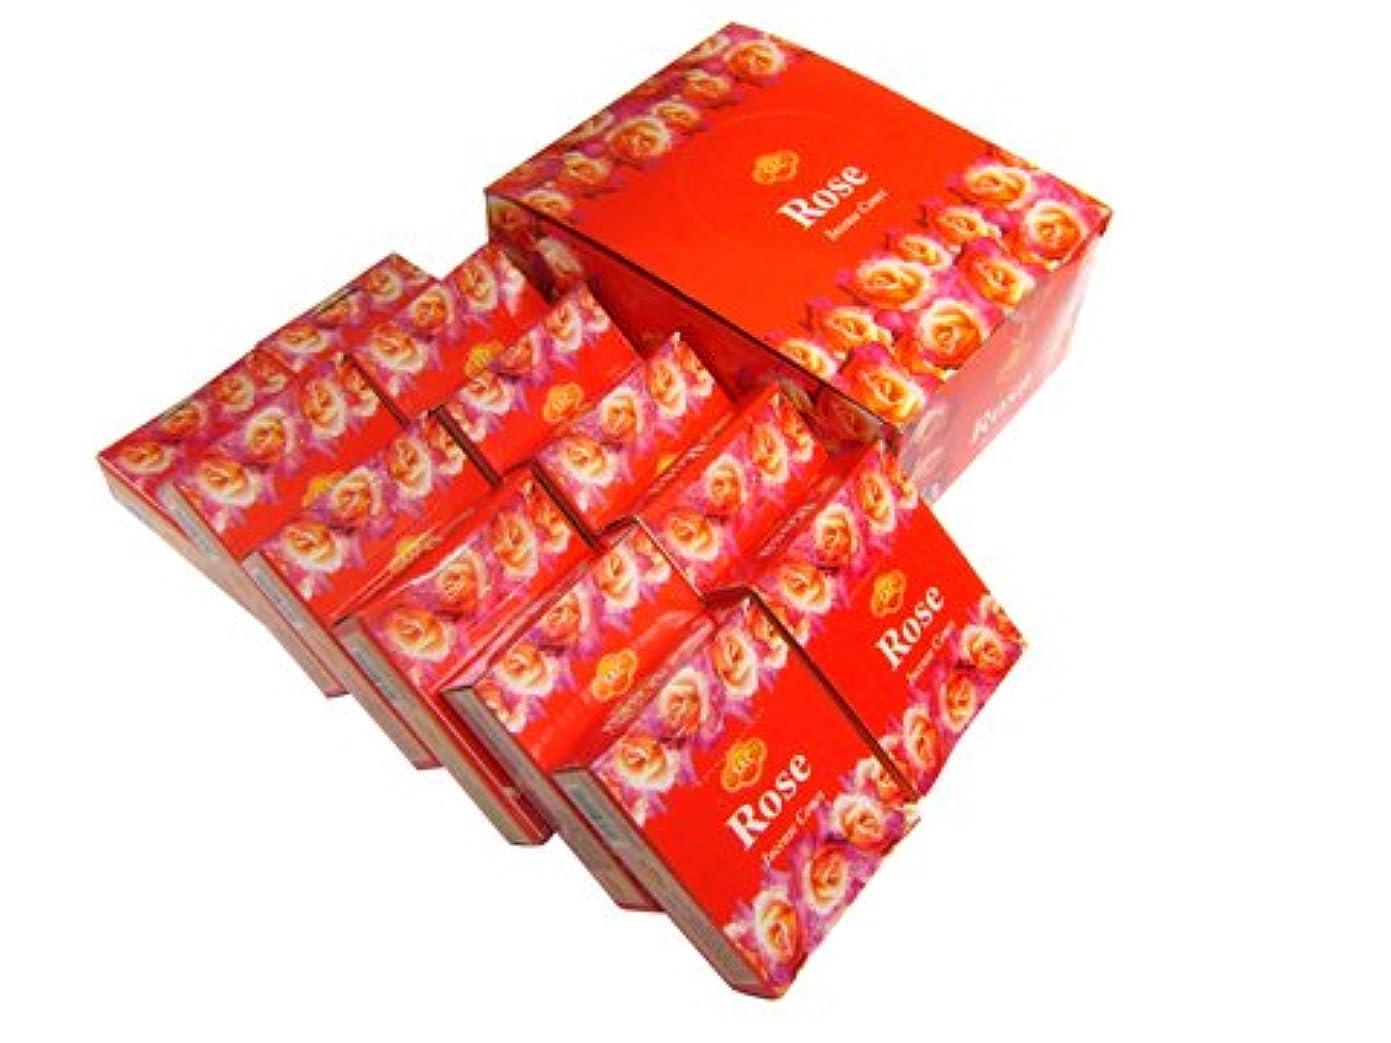 馬鹿げた便益気絶させるSANDESH SAC (サンデッシュ) ローズ香コーンタイプ ROSE CORN 12箱セット